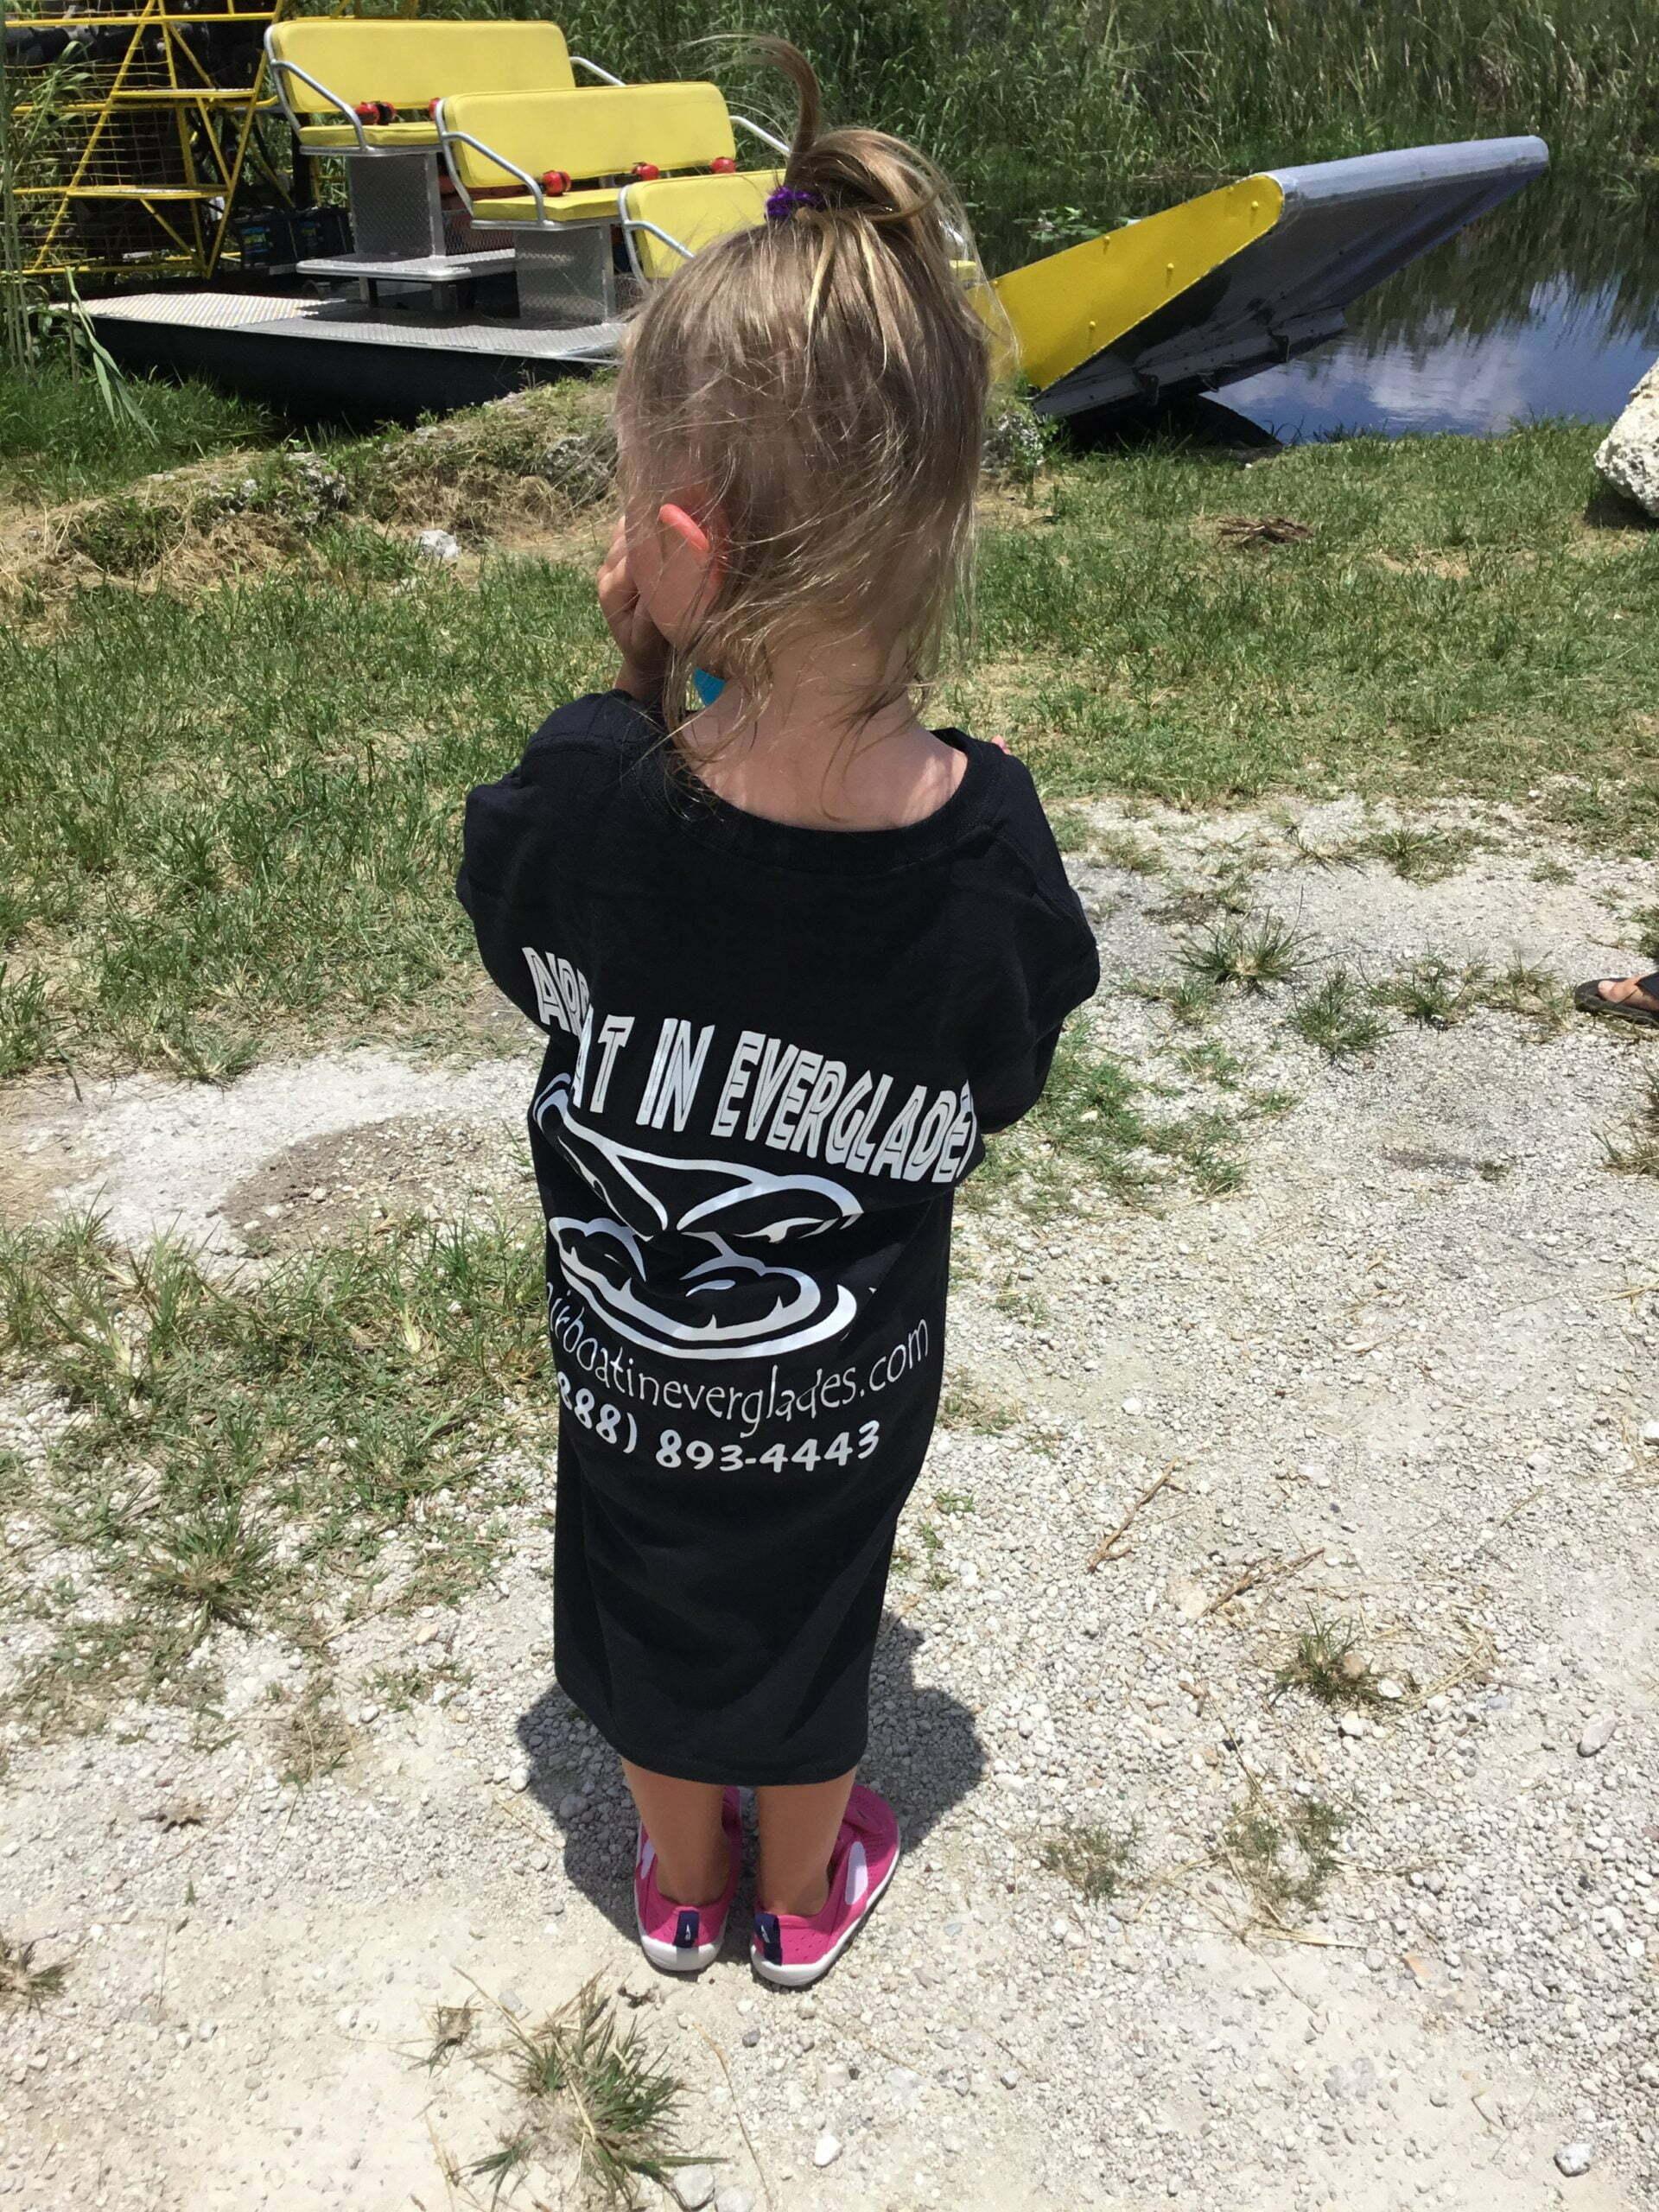 Free airboat shirt